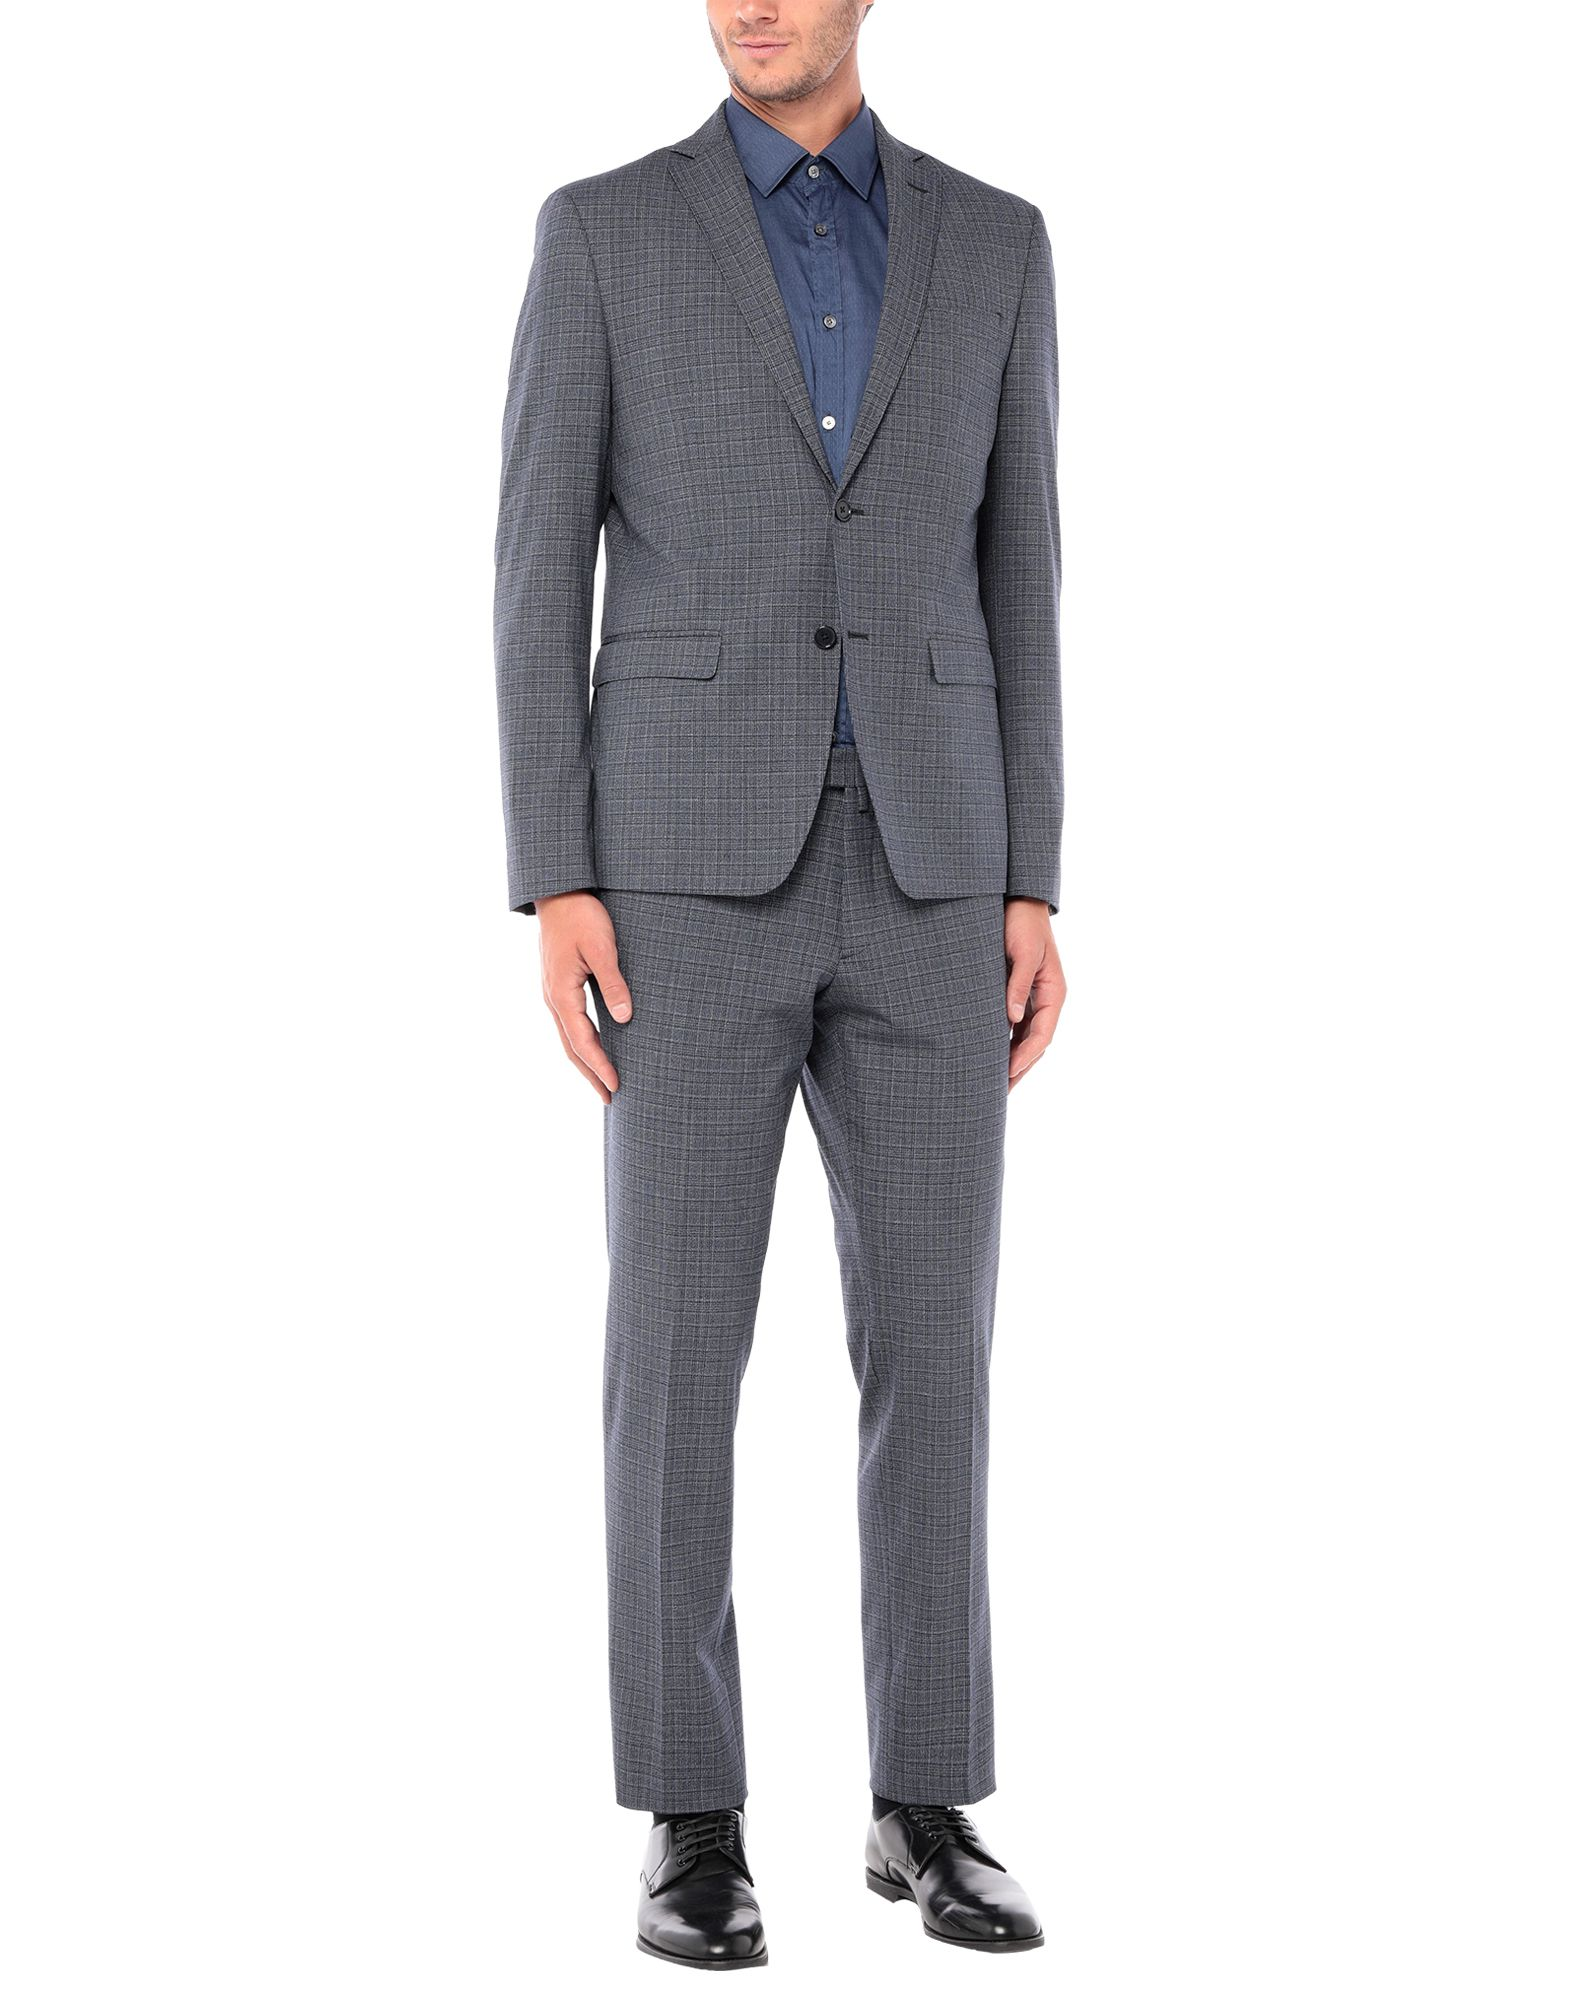 《セール開催中》DOMENICO TAGLIENTE メンズ スーツ ブルーグレー 44 ポリエステル 63% / レーヨン 33% / ポリウレタン 4%